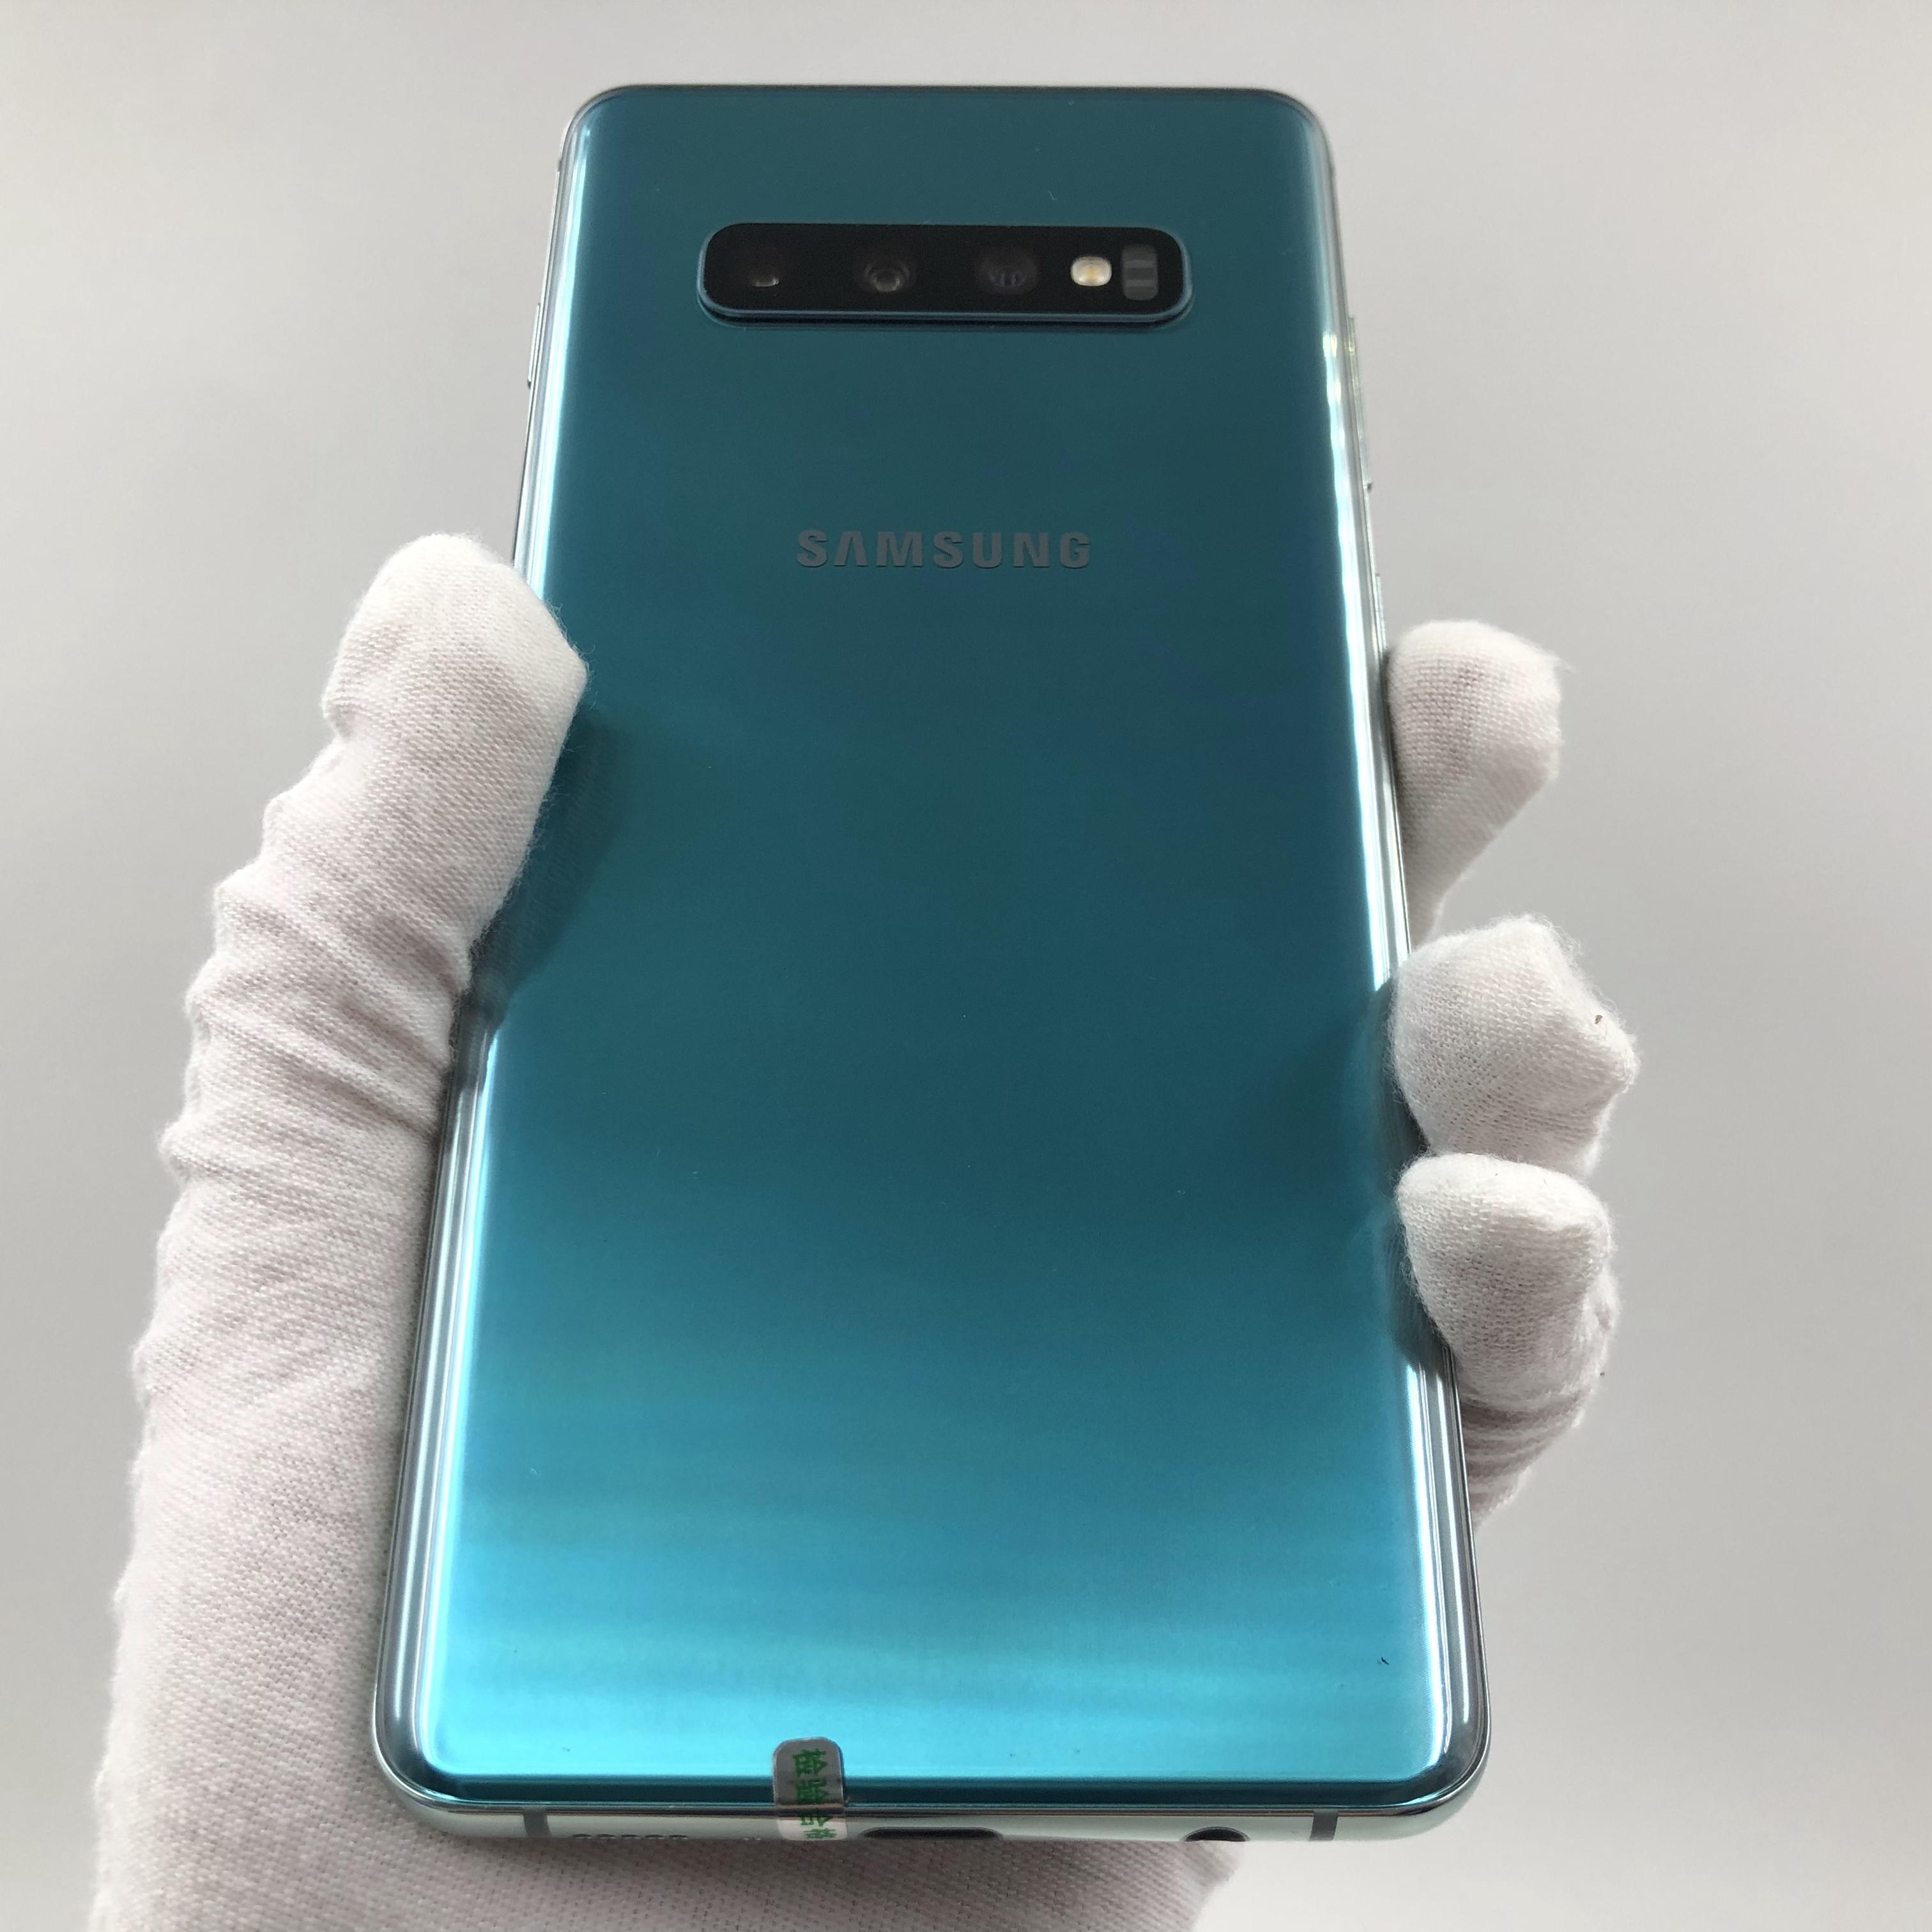 三星【Galaxy S10+】4G全网通 绿色 8G/128G 国行 8成新 真机实拍